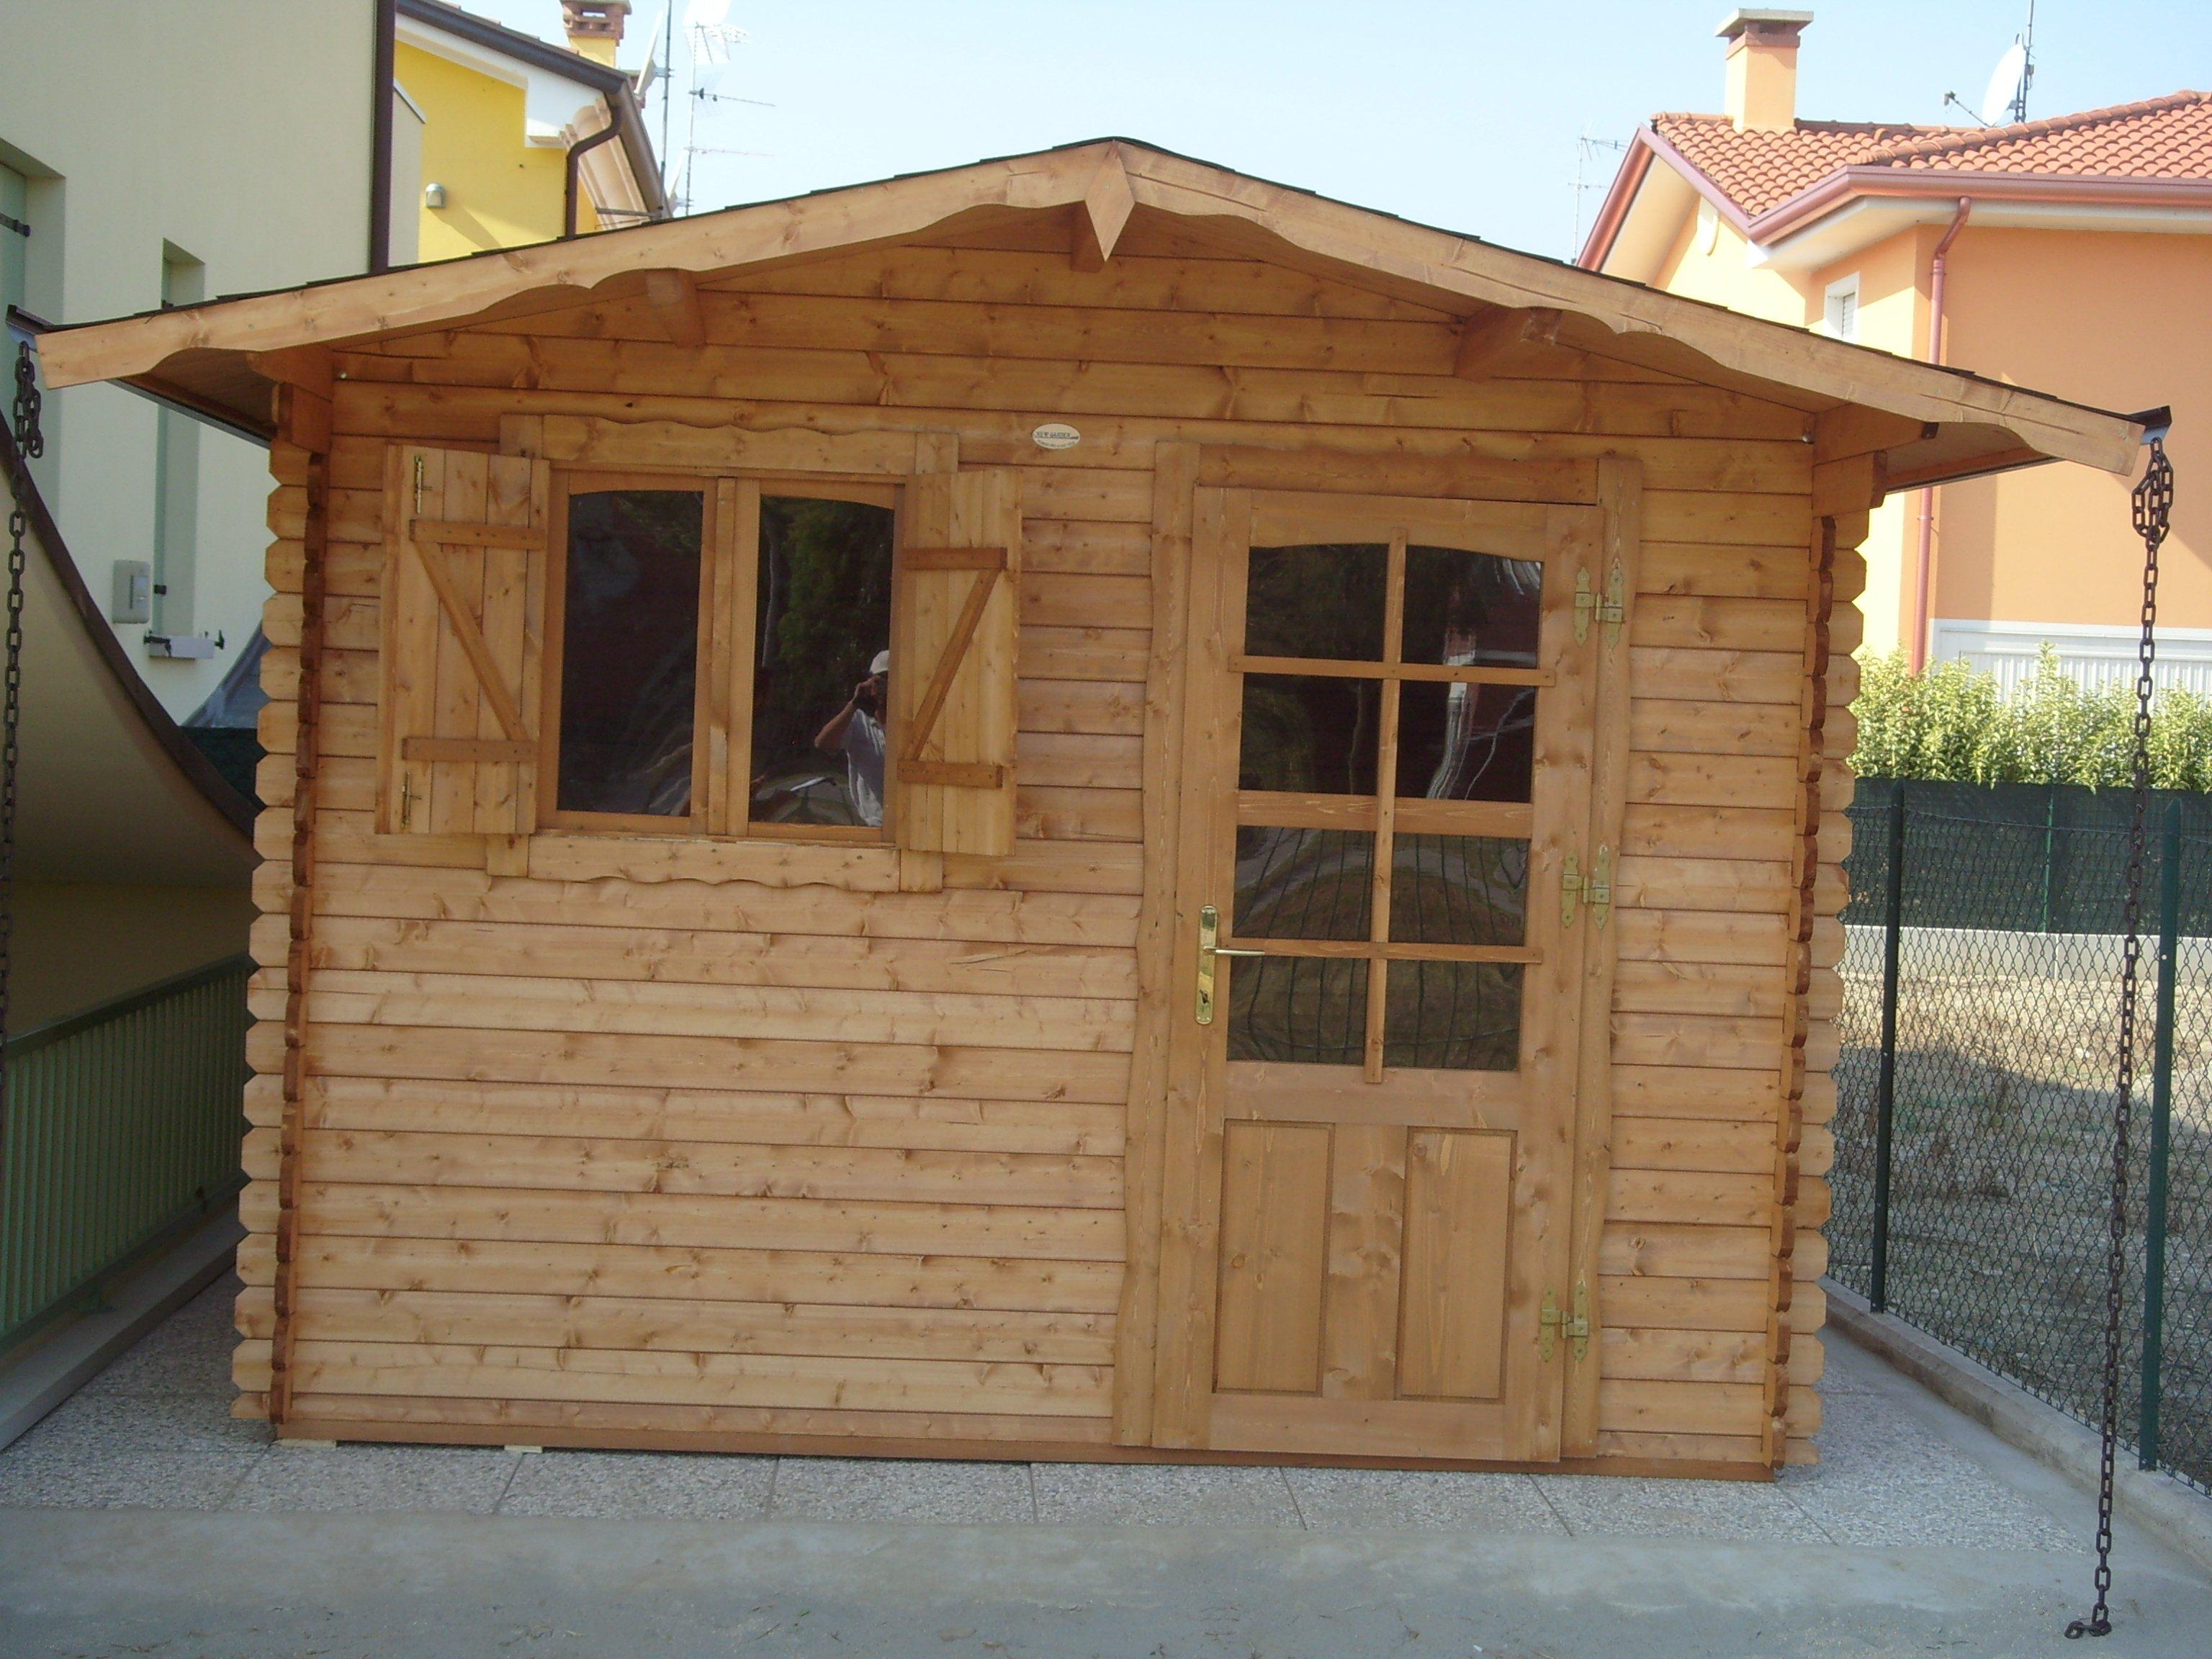 Casetta in legno nuova blockhouse porta finestra noce chiaro gi impregnata 28m ebay - Porta finestra in legno ...